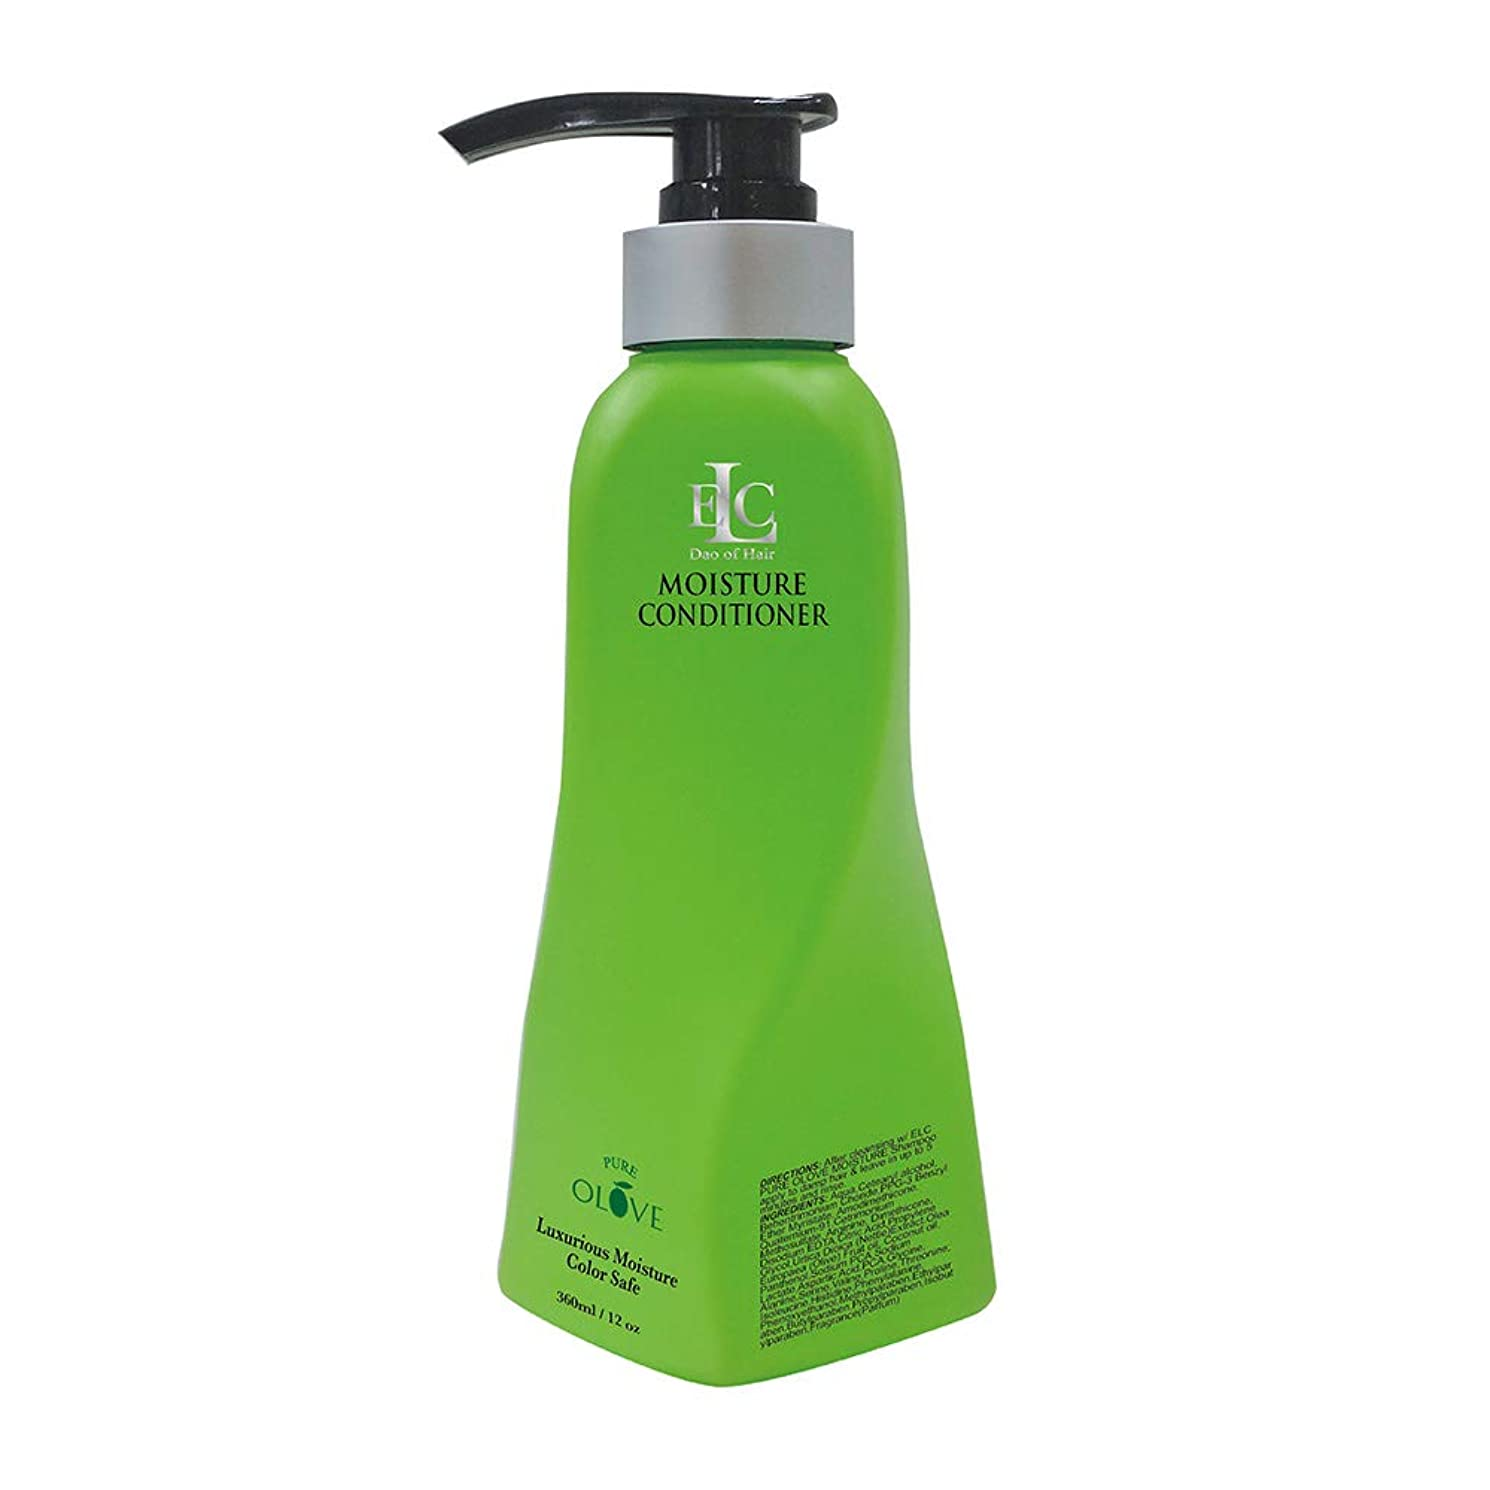 クリーク大破良さELC Dao of Hair ELCピュアOloveモイスチャライジングコンディショナー - モイスチャーリッチナチュラルボタニカル&有機油は、栄養を与え、修理、強化、ドライ髪を再水和 12オンス